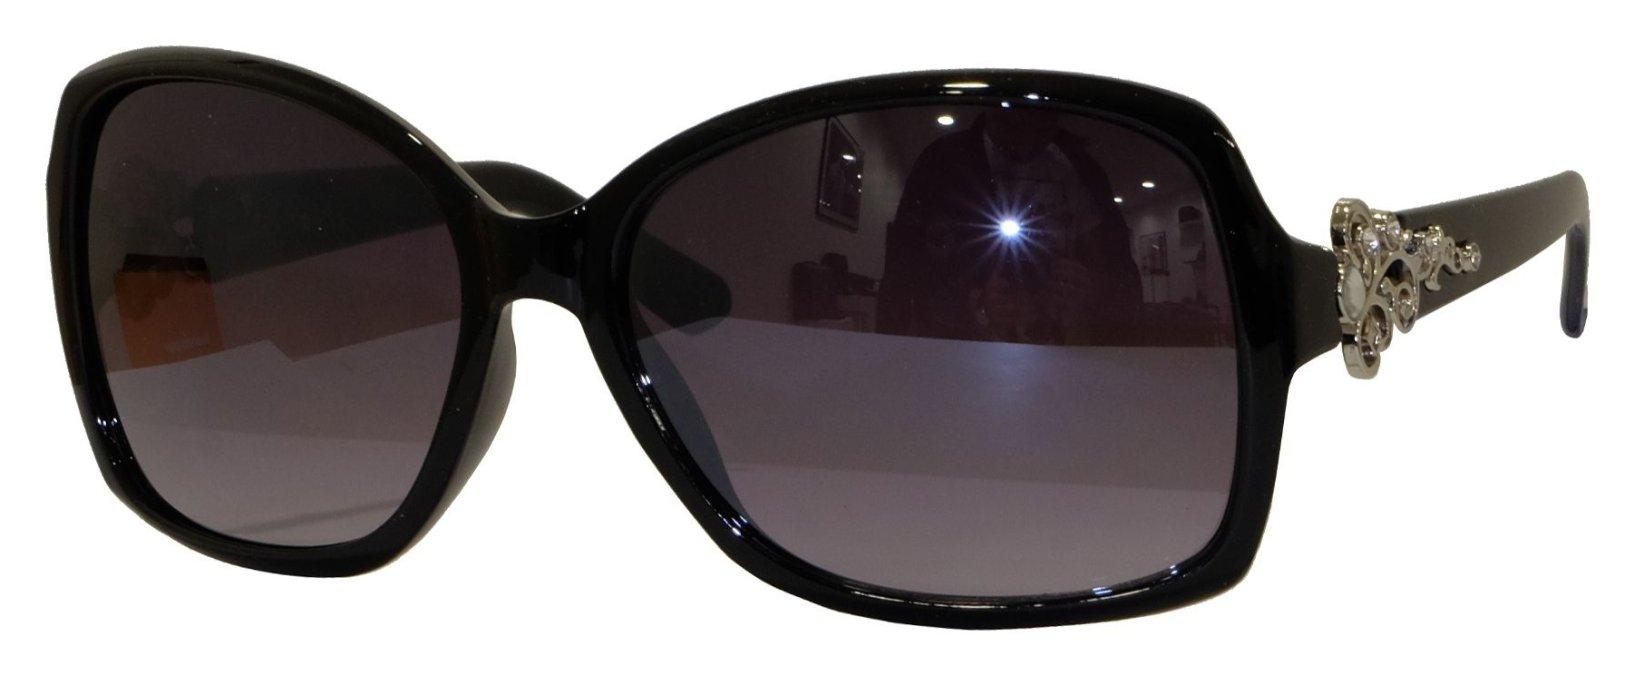 Les lunettes de soleil parfaites